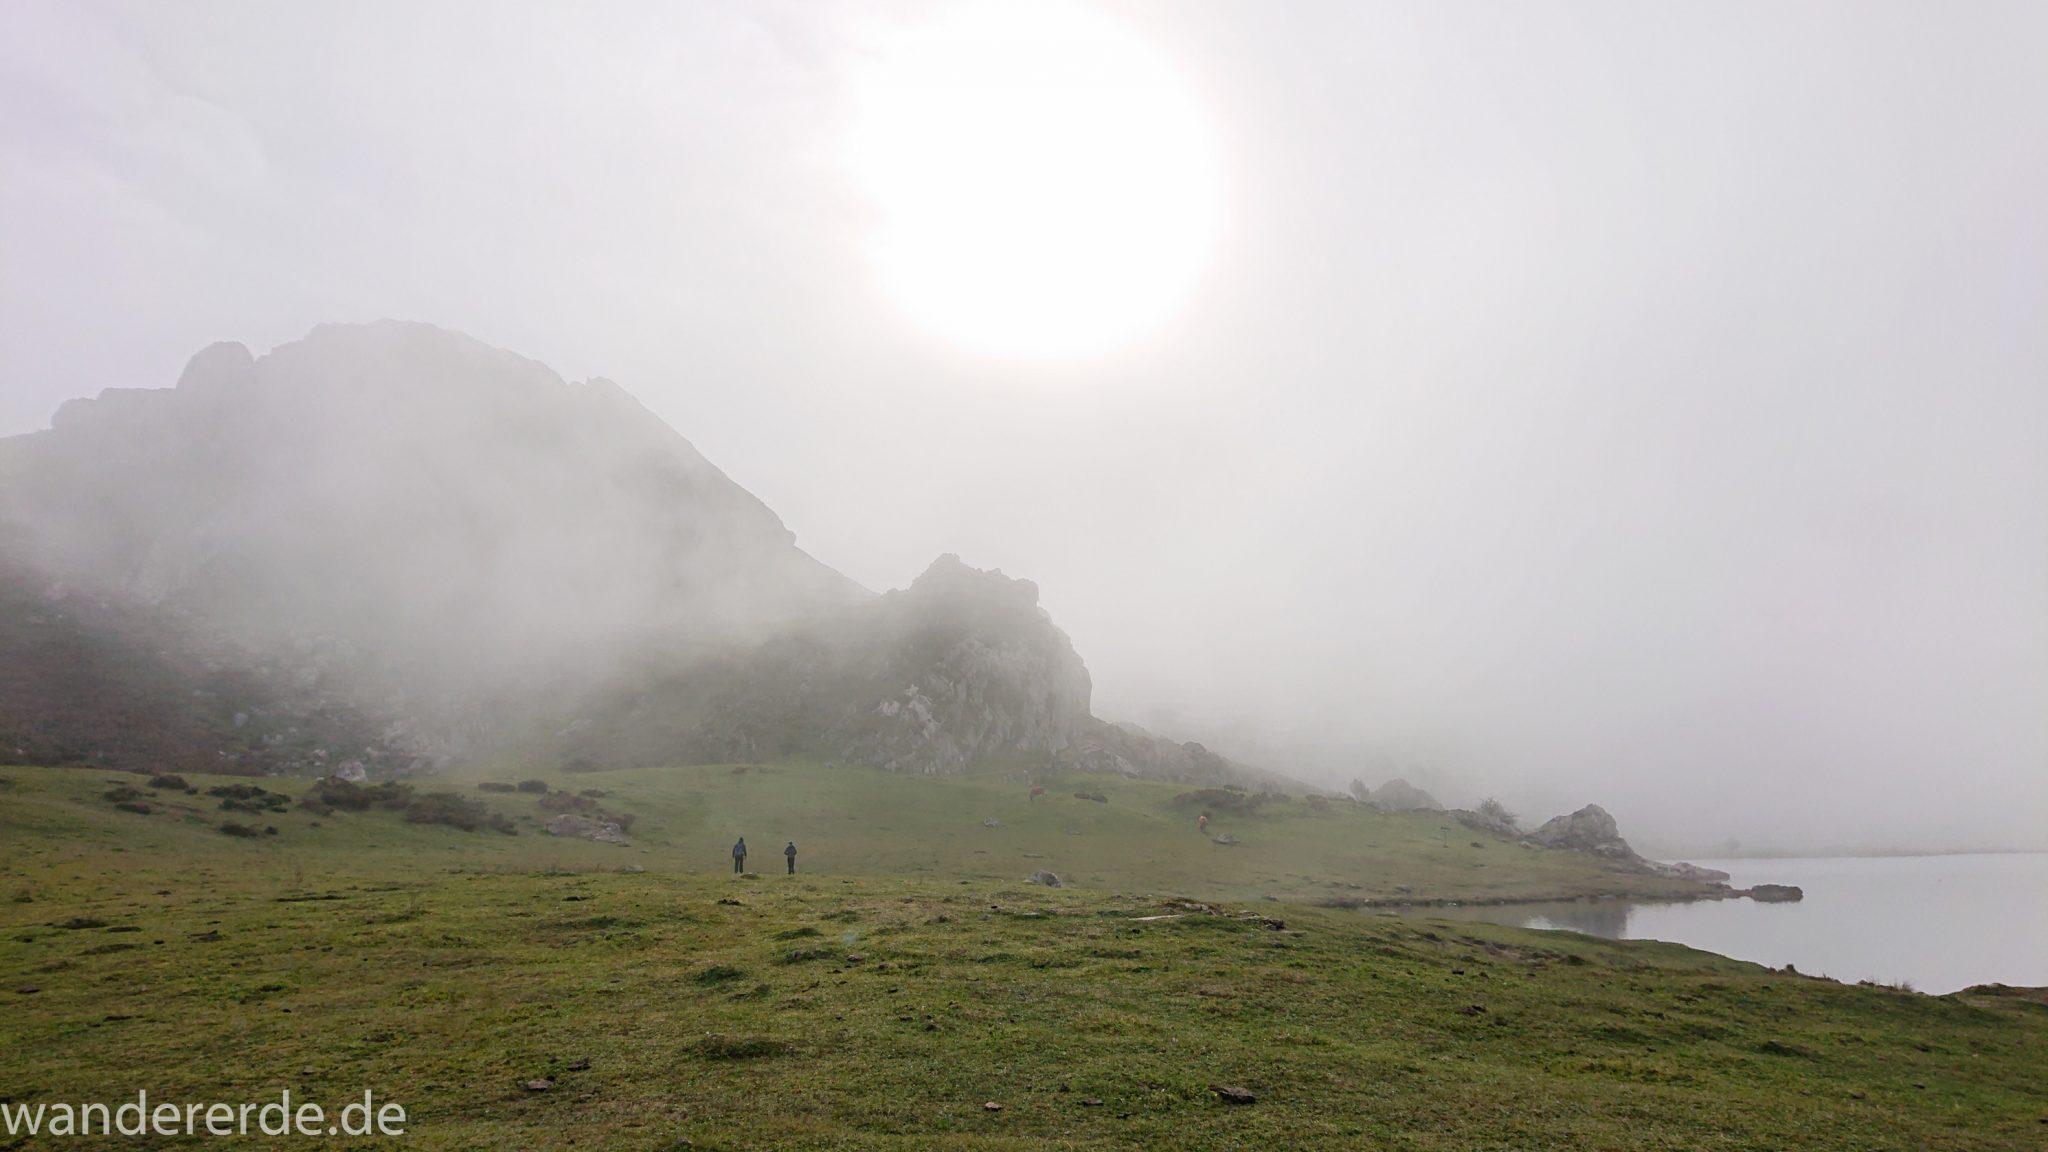 Wanderung Vega de Ario Picos de Europa Spanien, Lago Ercina, dichte Wolken, Wanderer, Berge, grüne Wiese, Sonne, schöner See